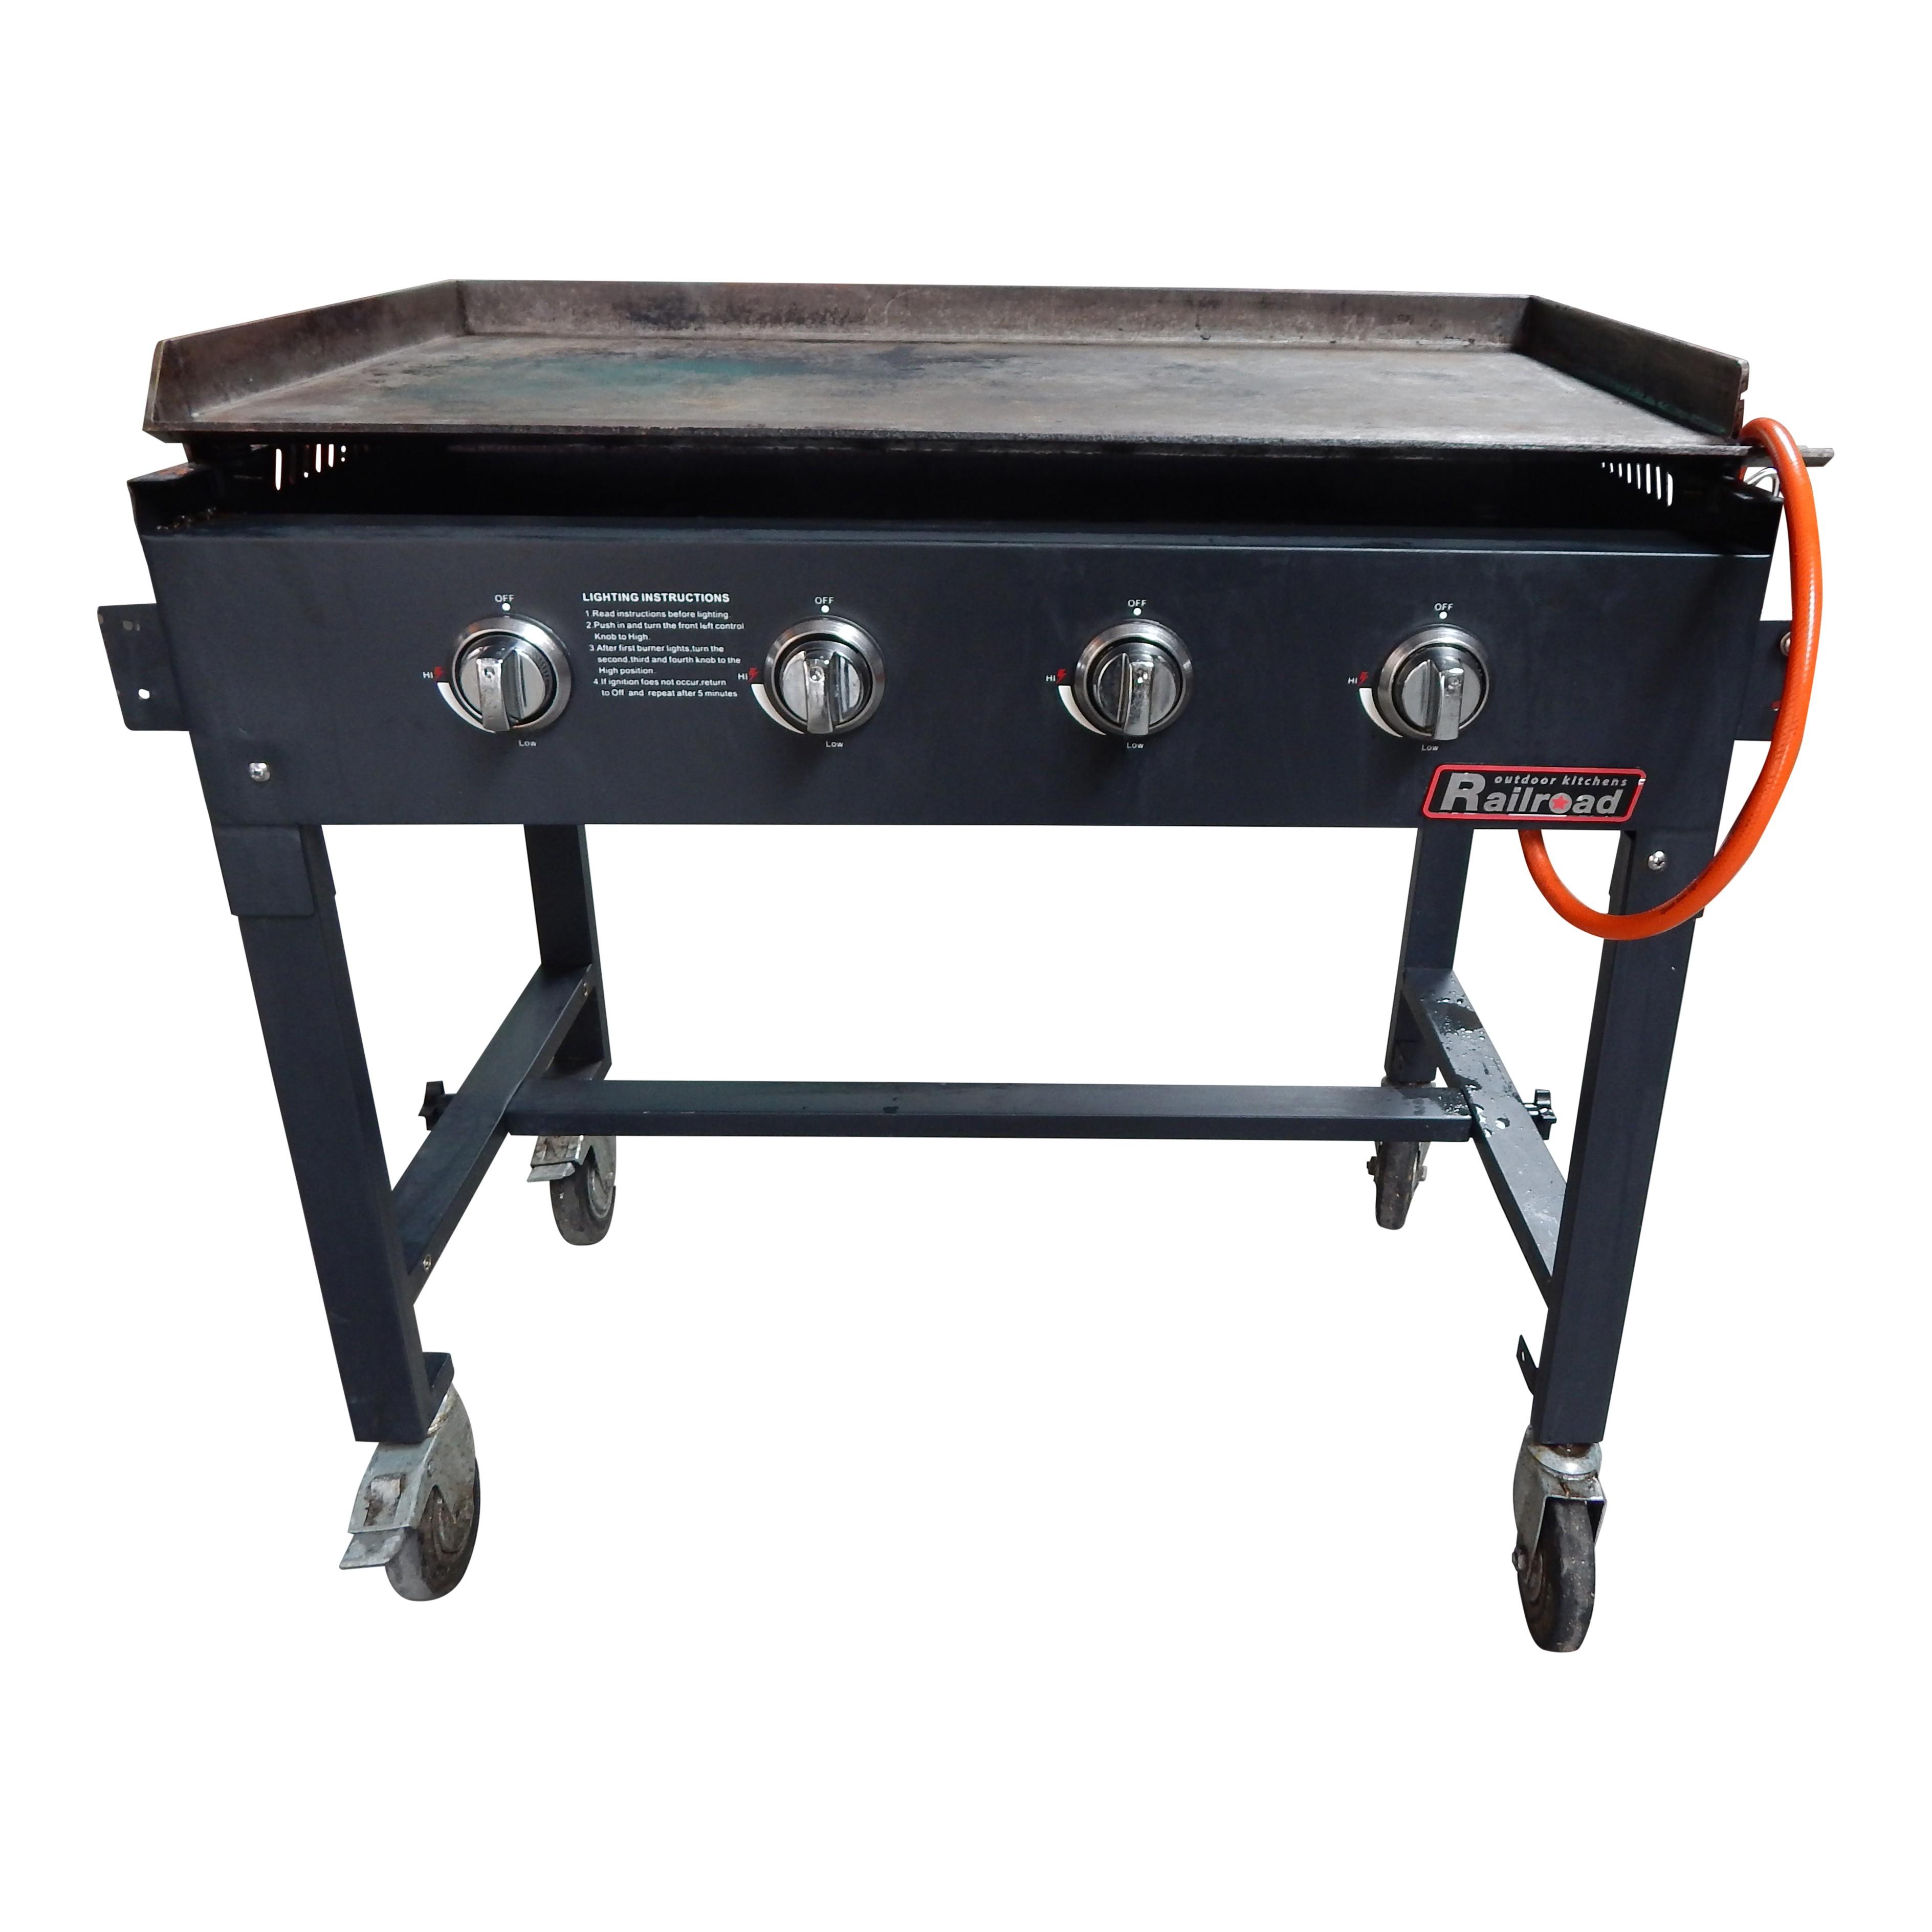 Gasbarbecue 100 x 55cm - Schoon inleveren